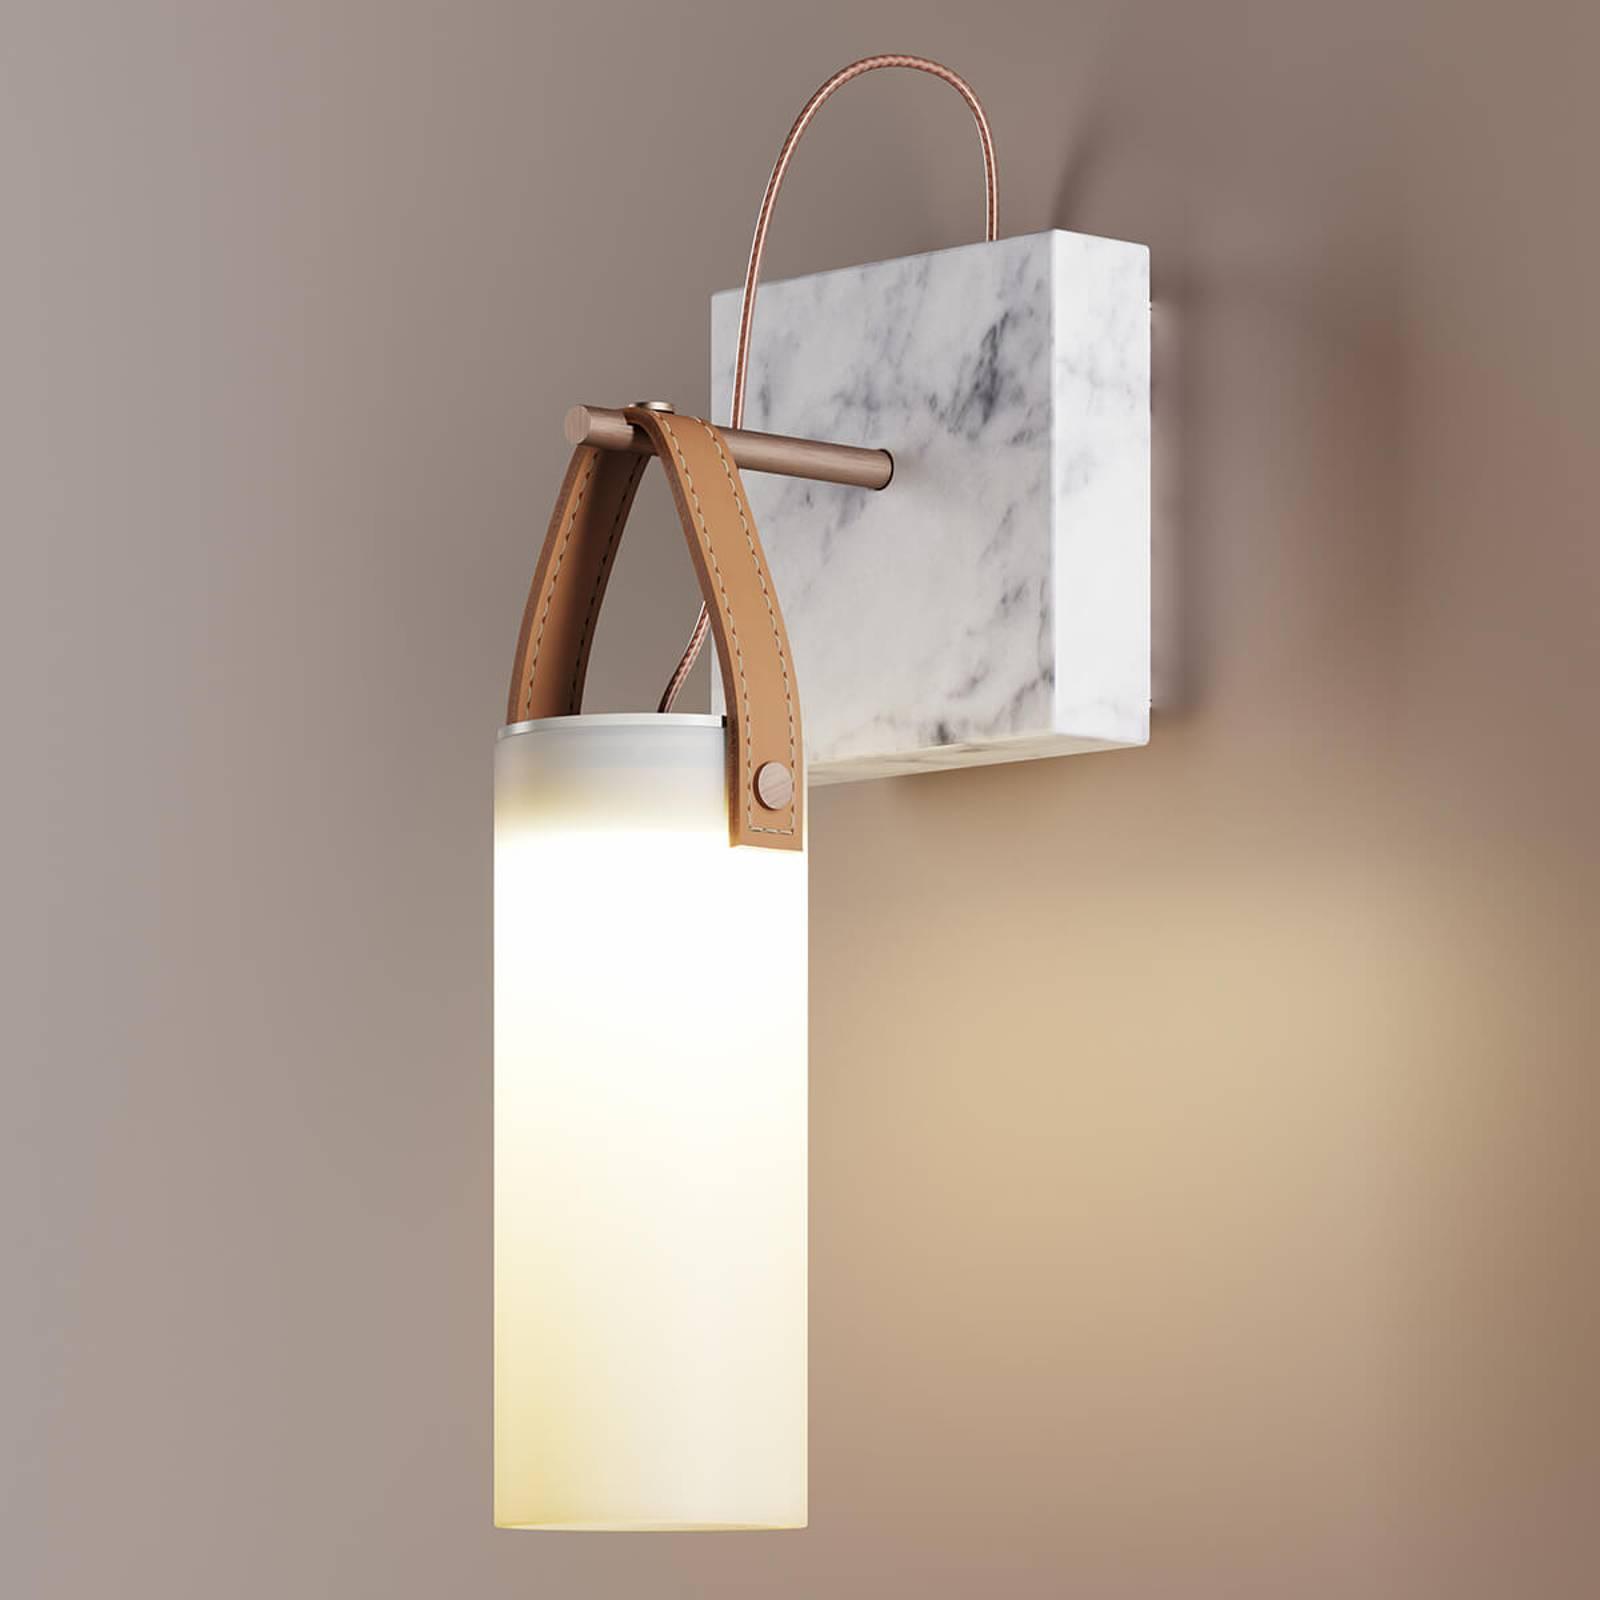 Applique de designer Galerie avec LED